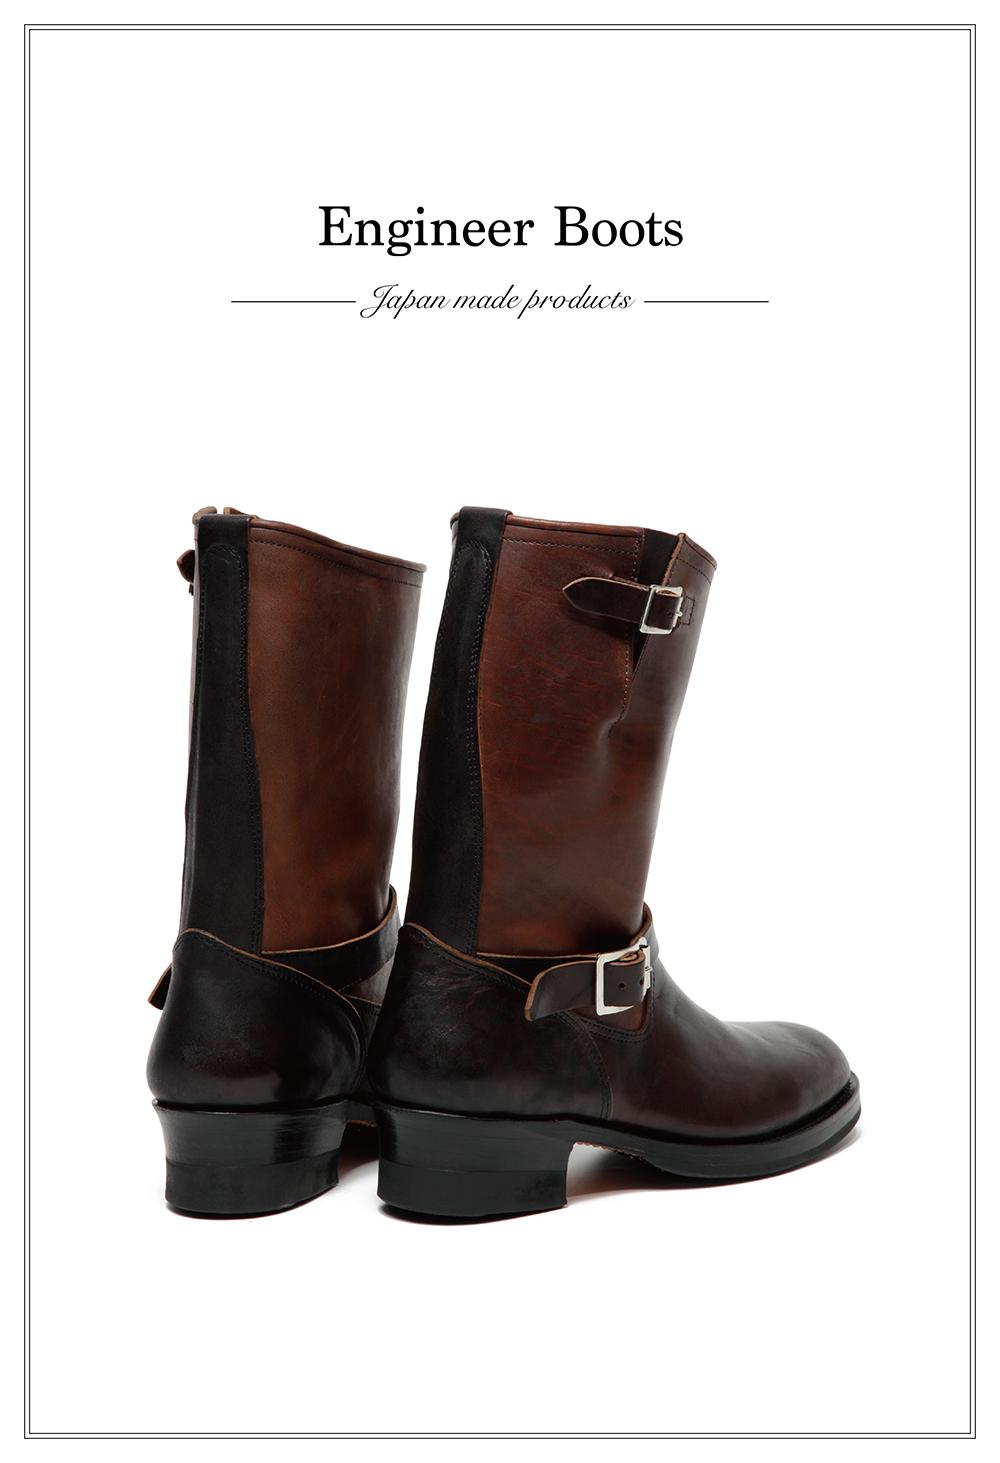 【Attractions】Engineer Boots 予約受付中_c0289919_13584052.jpg